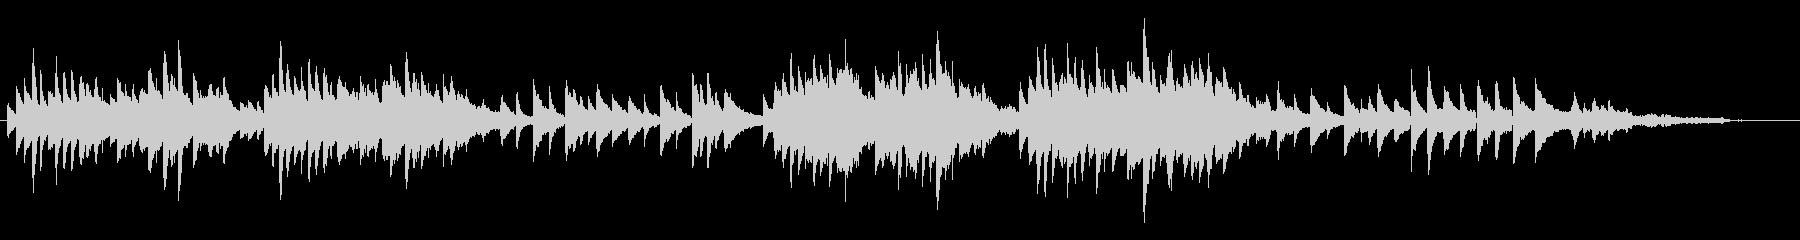 ほのぼのピアノ曲の未再生の波形